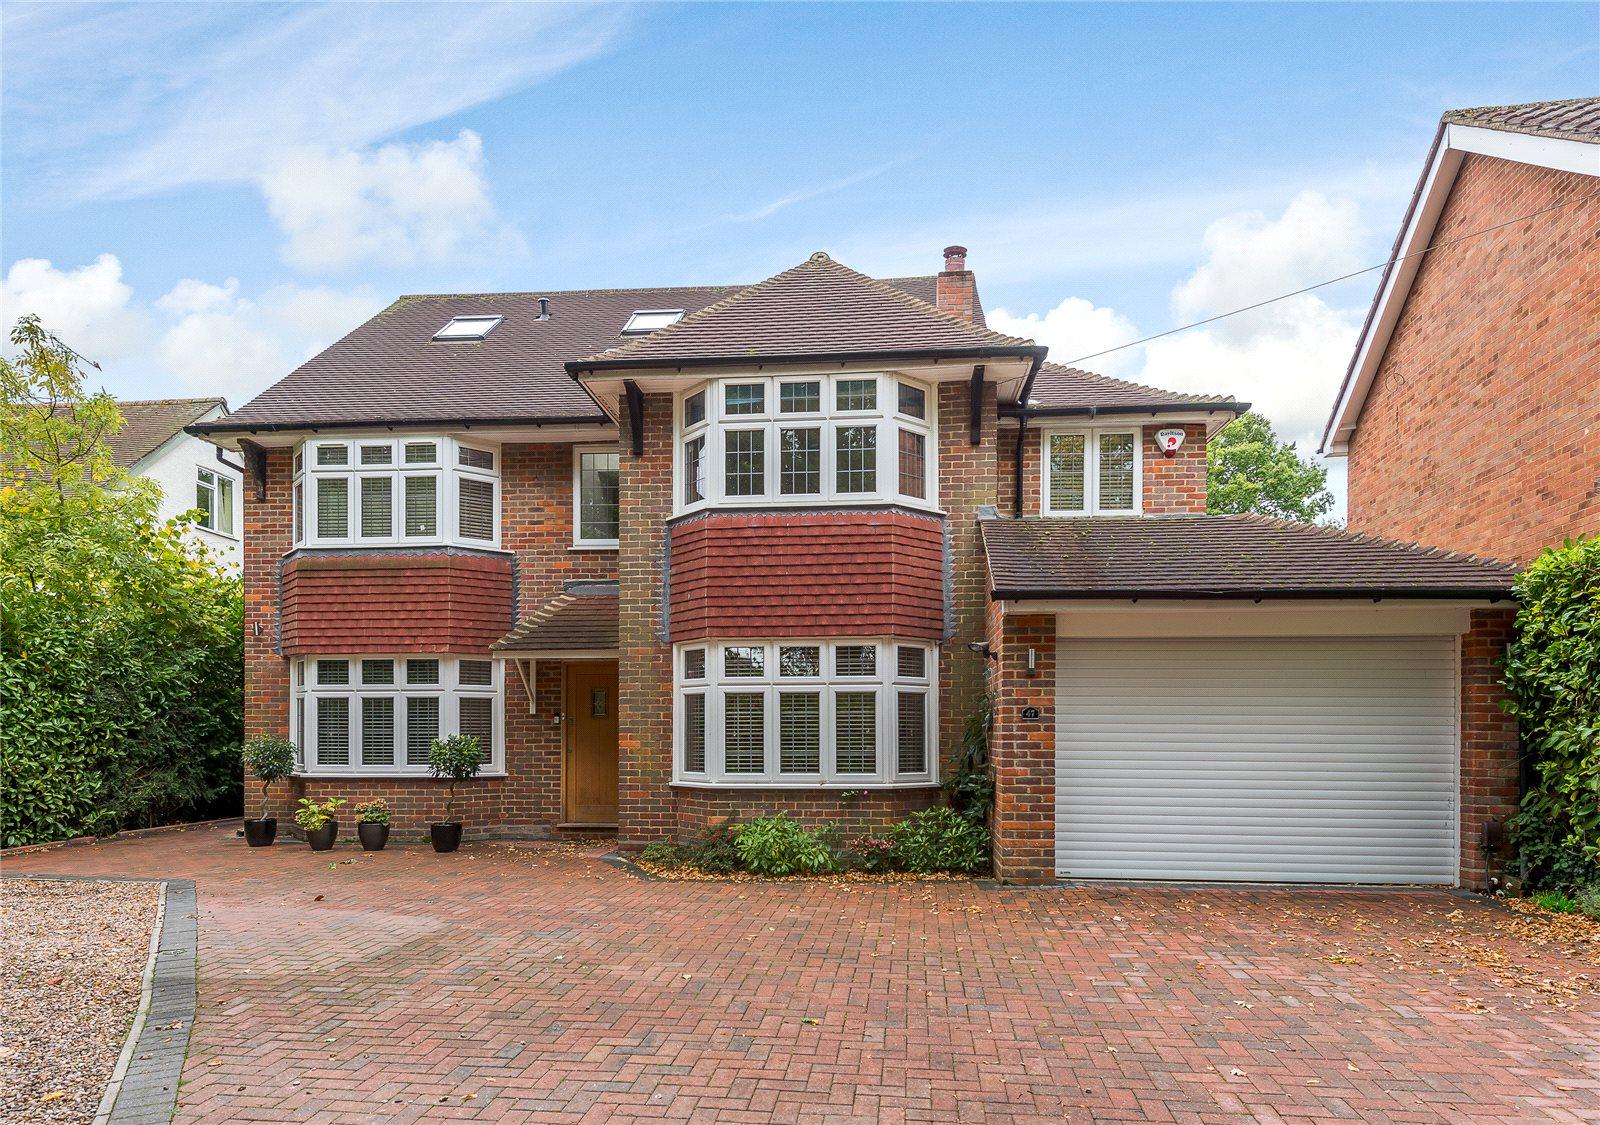 一戸建て のために 売買 アット Roundwood Lane, Harpenden, Hertfordshire, AL5 Harpenden, イギリス